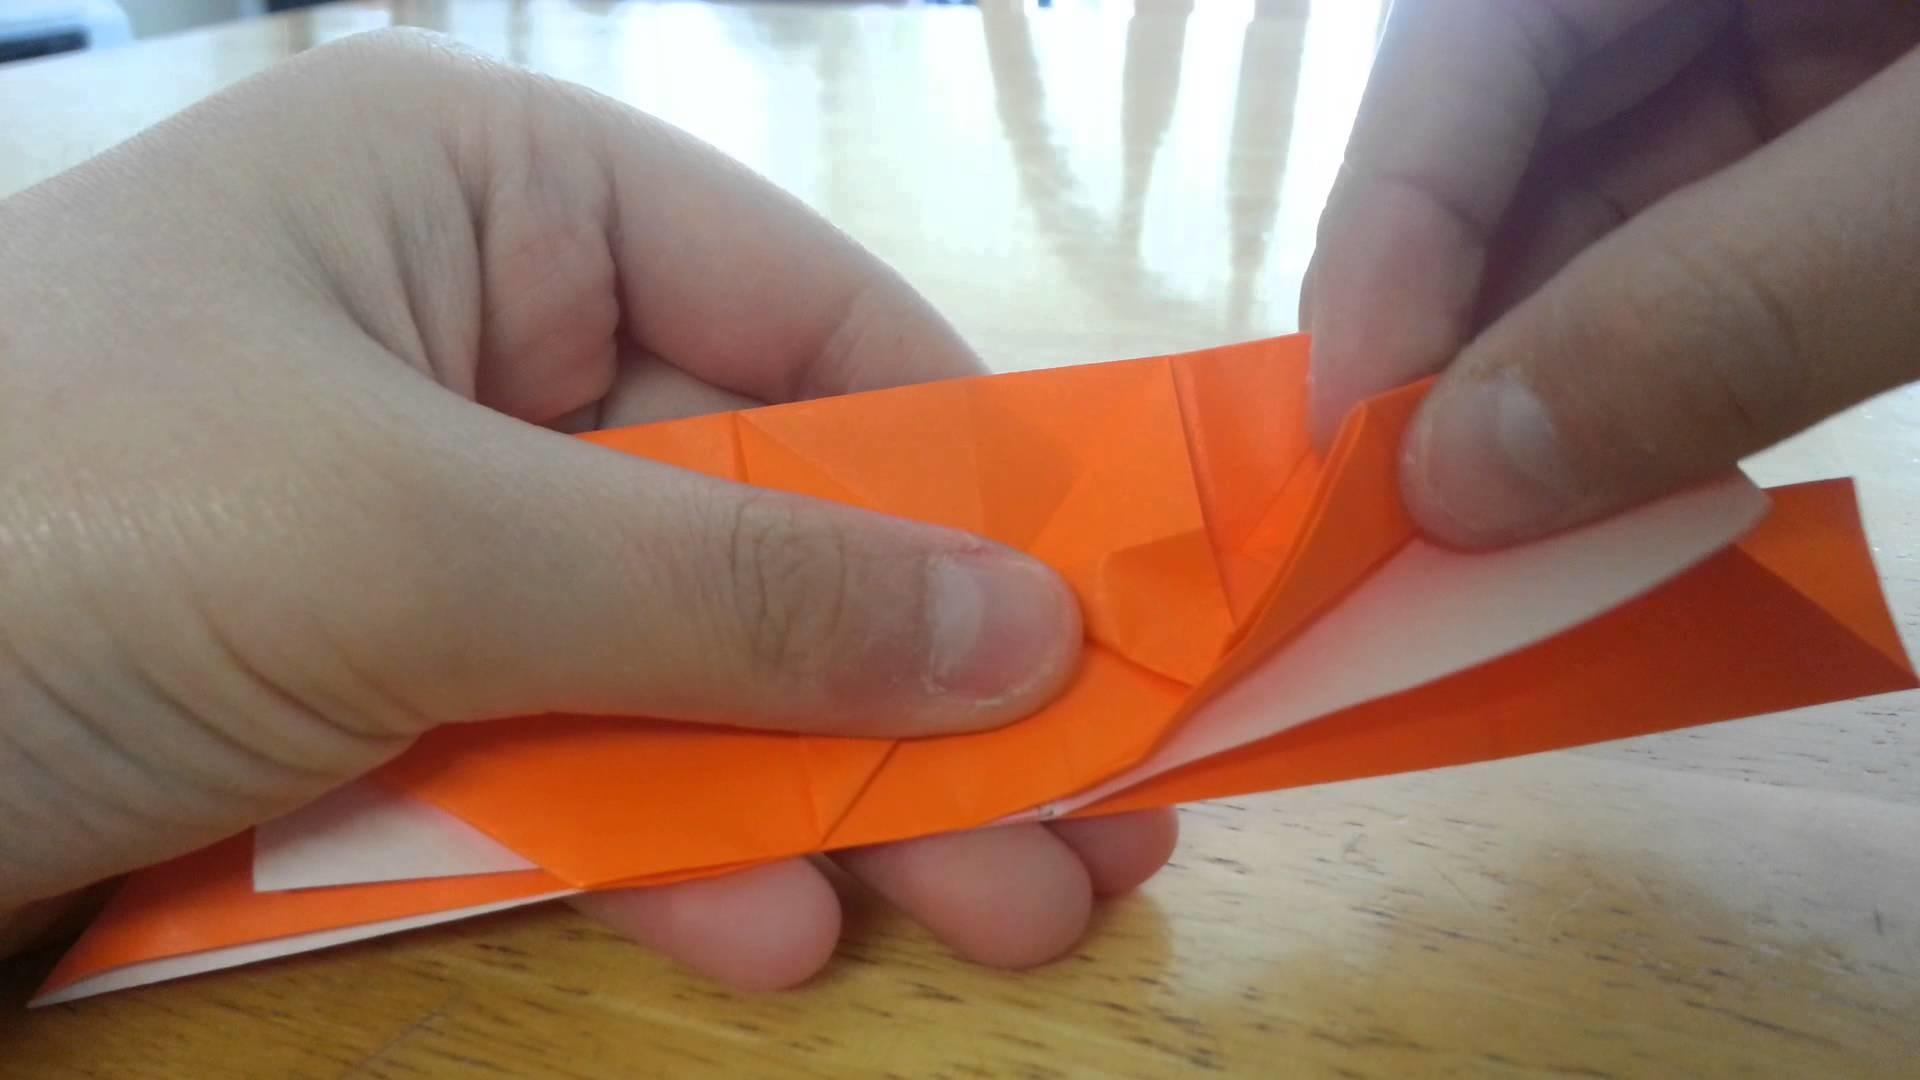 Origami Samurai Helmet (Jun Maekawa) - Tutorial